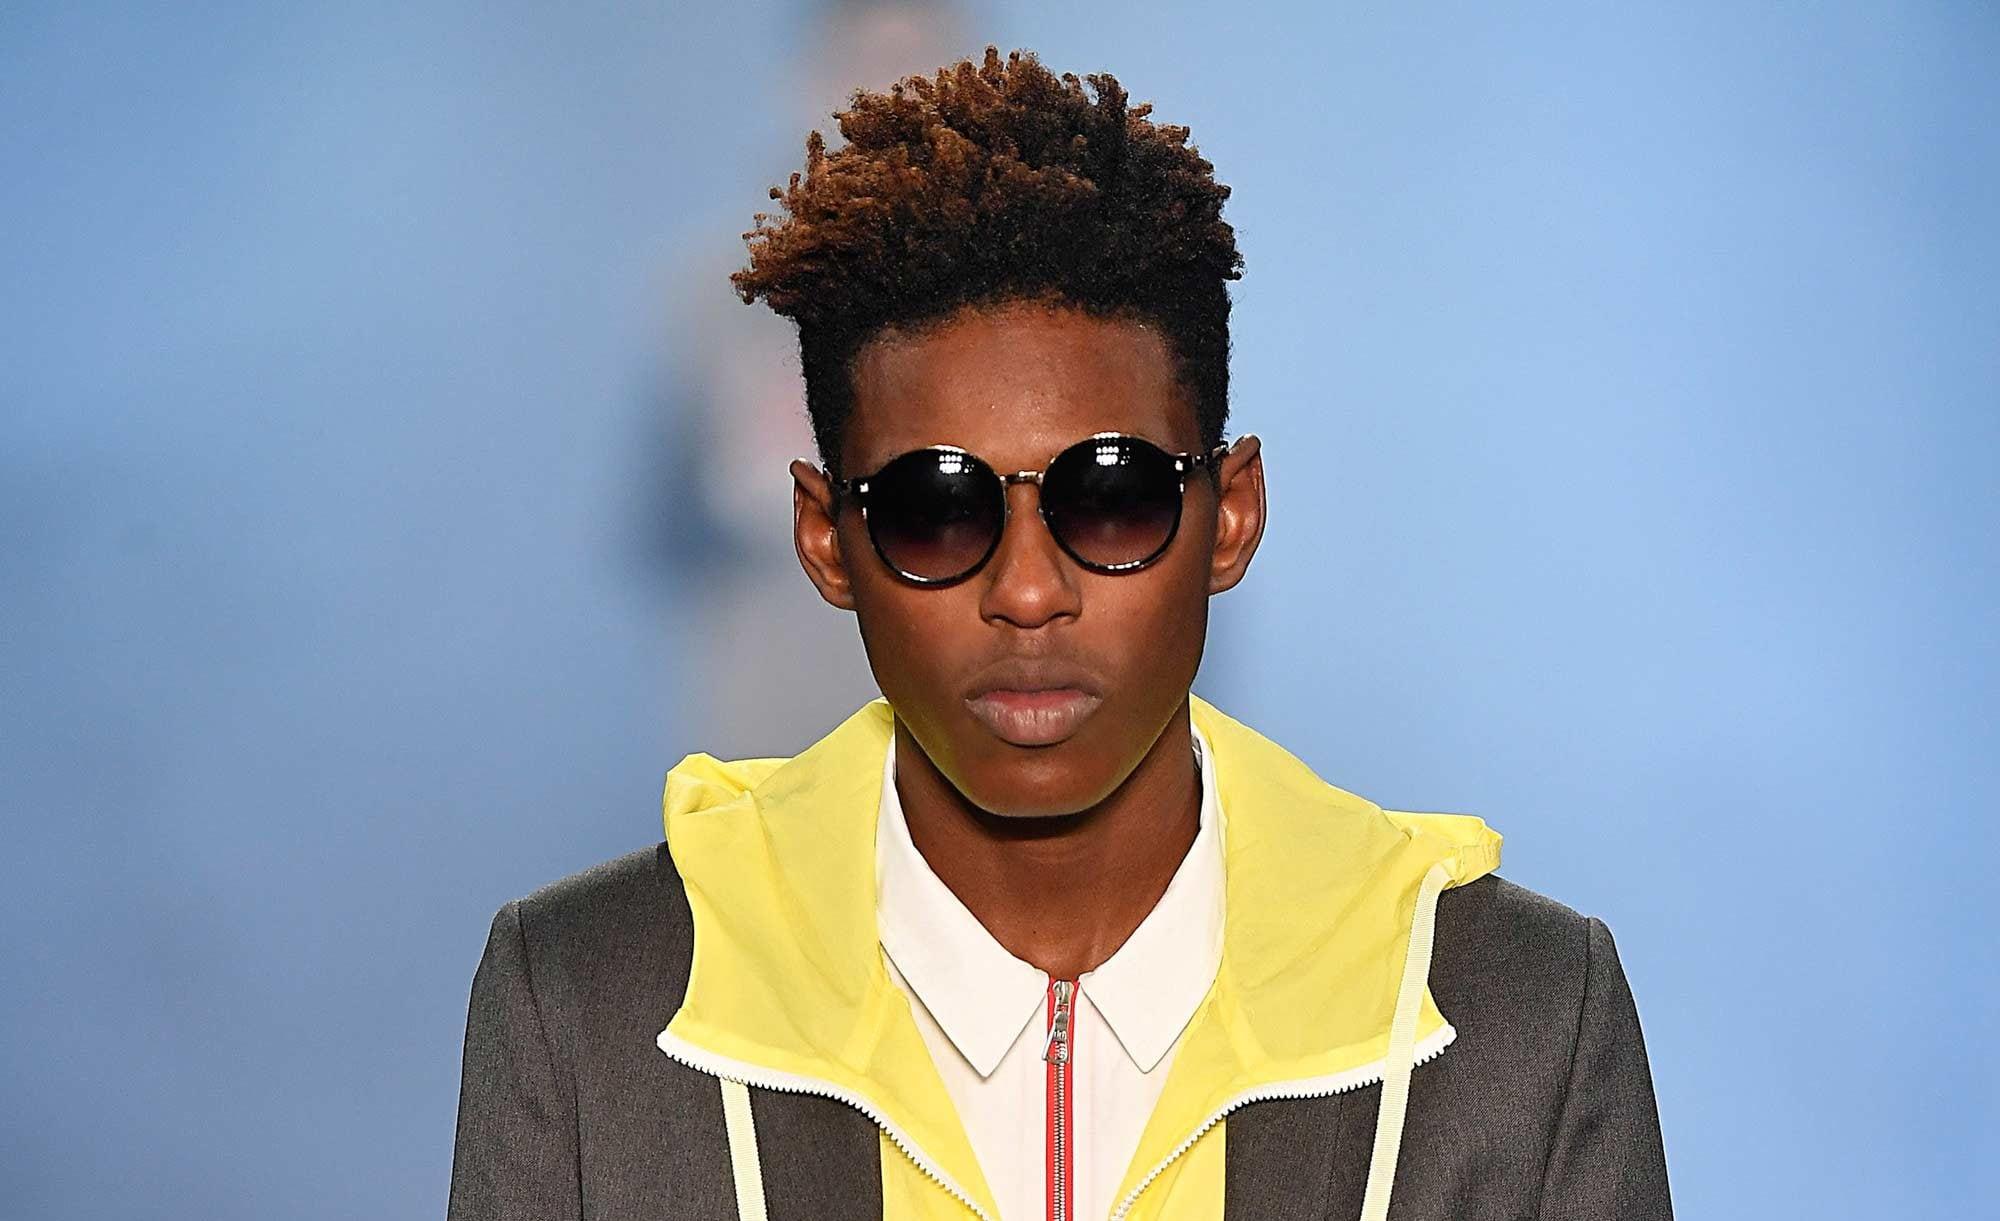 Modelo usa cabelo crespo na passarela e desfila com jaqueta amarela com gola amarela